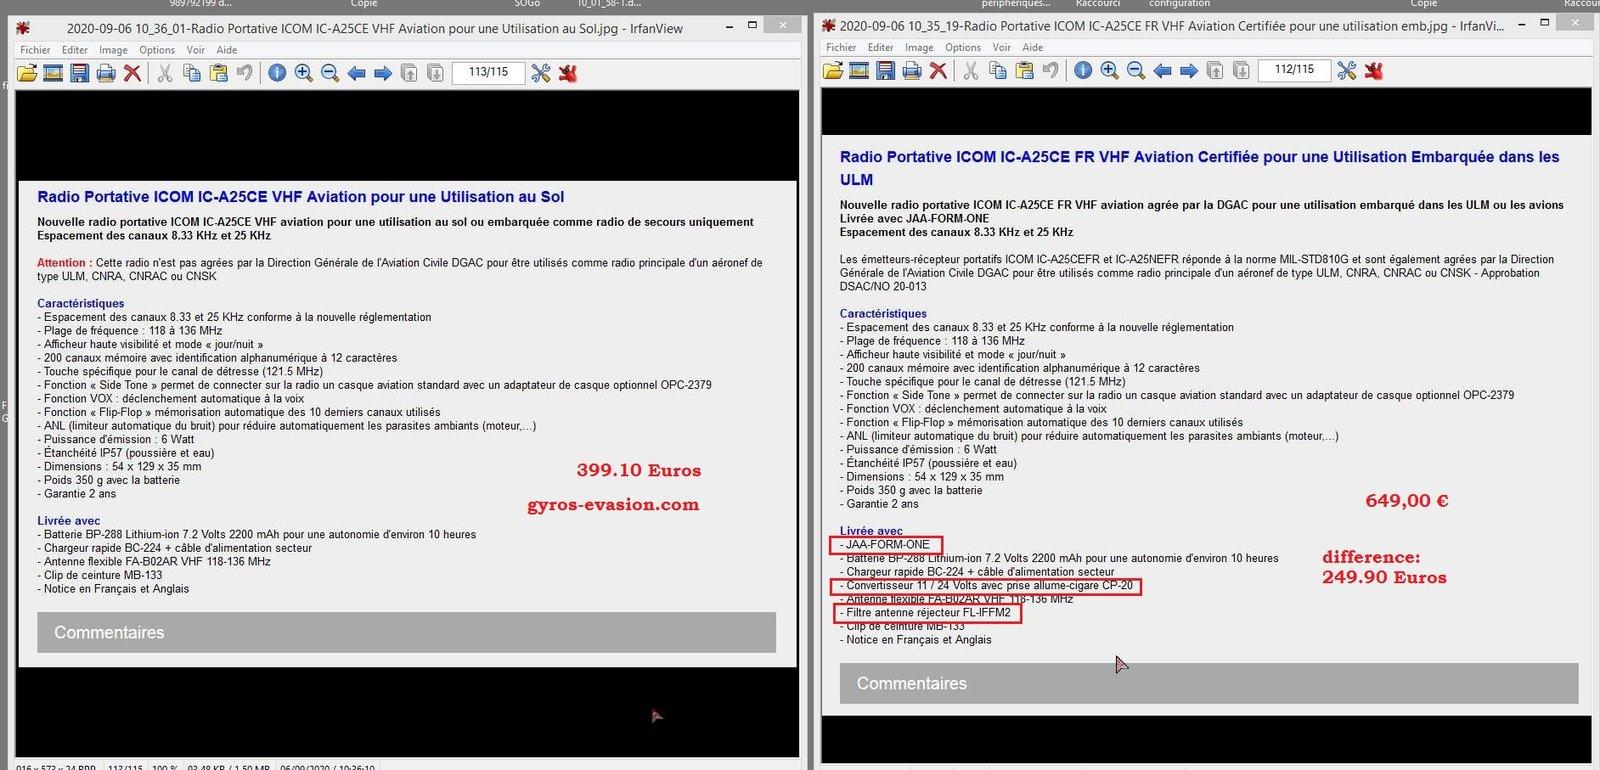 2020-09-06 10_45_24-2020-09-06 10_35_19-Radio Portative ICOM IC-A25CE FR VHF Aviation Certifiée pour